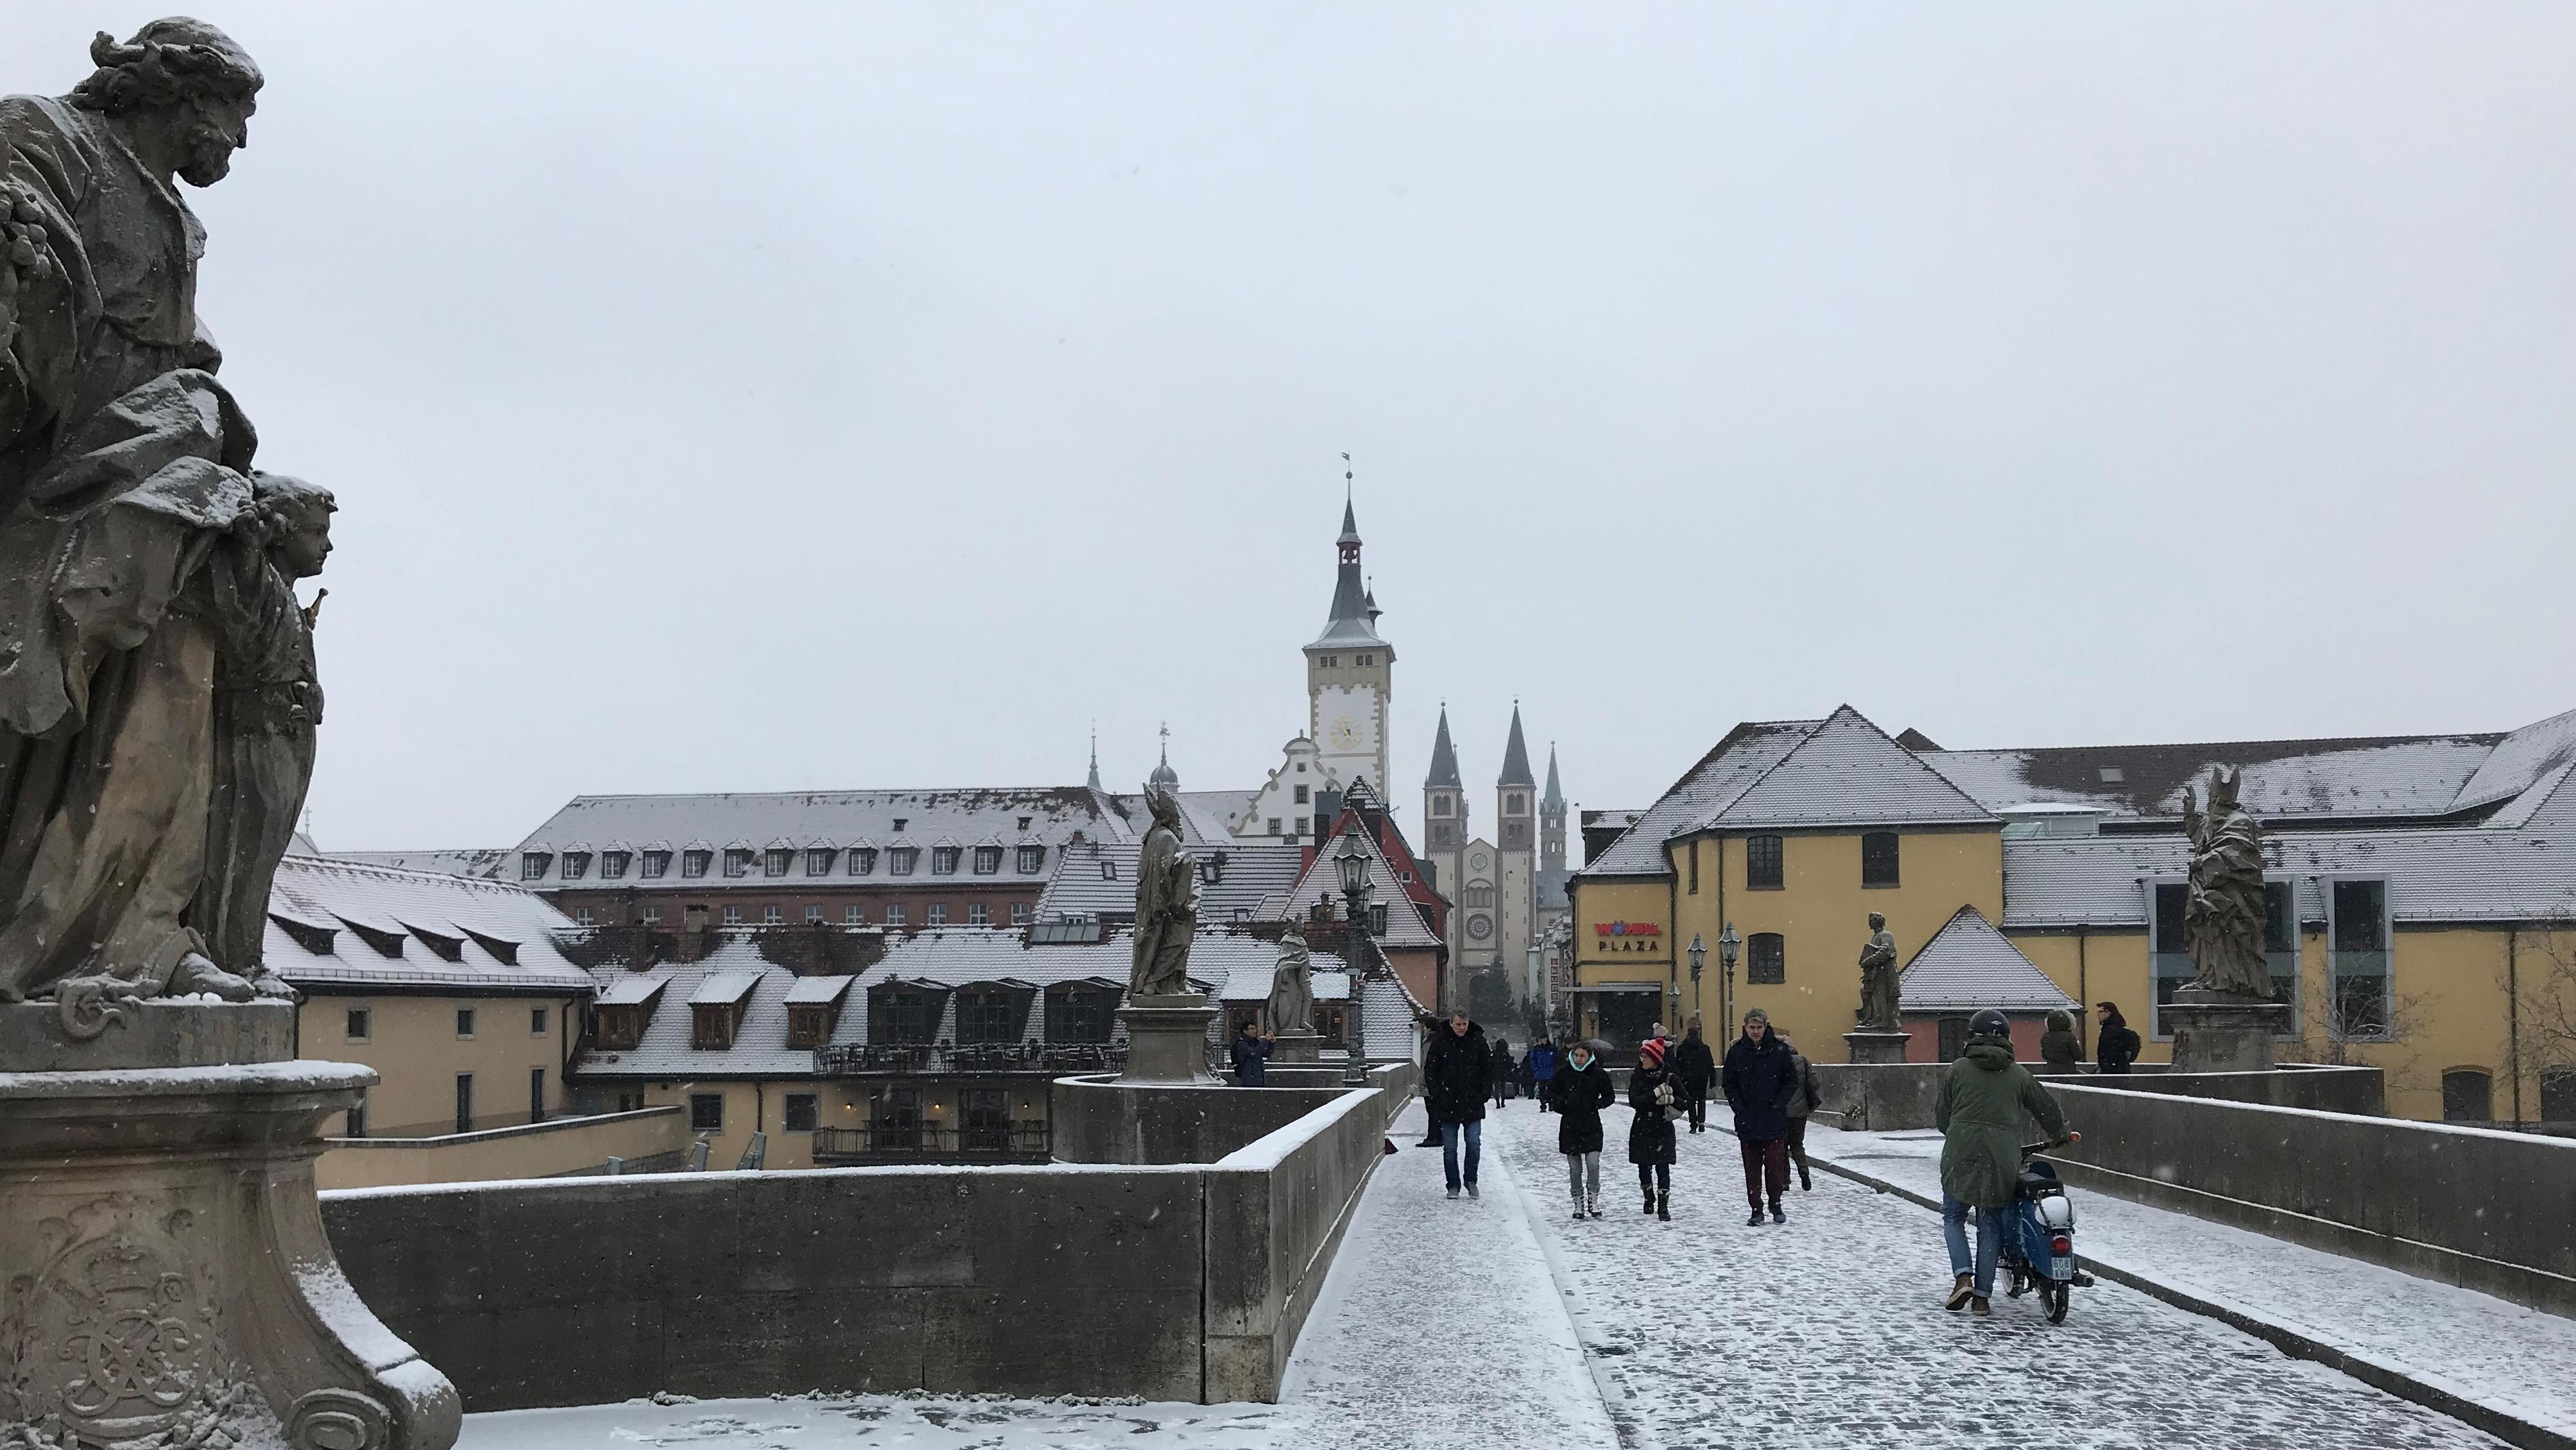 Zarte Schneedecke auf der alten Mainbrücke